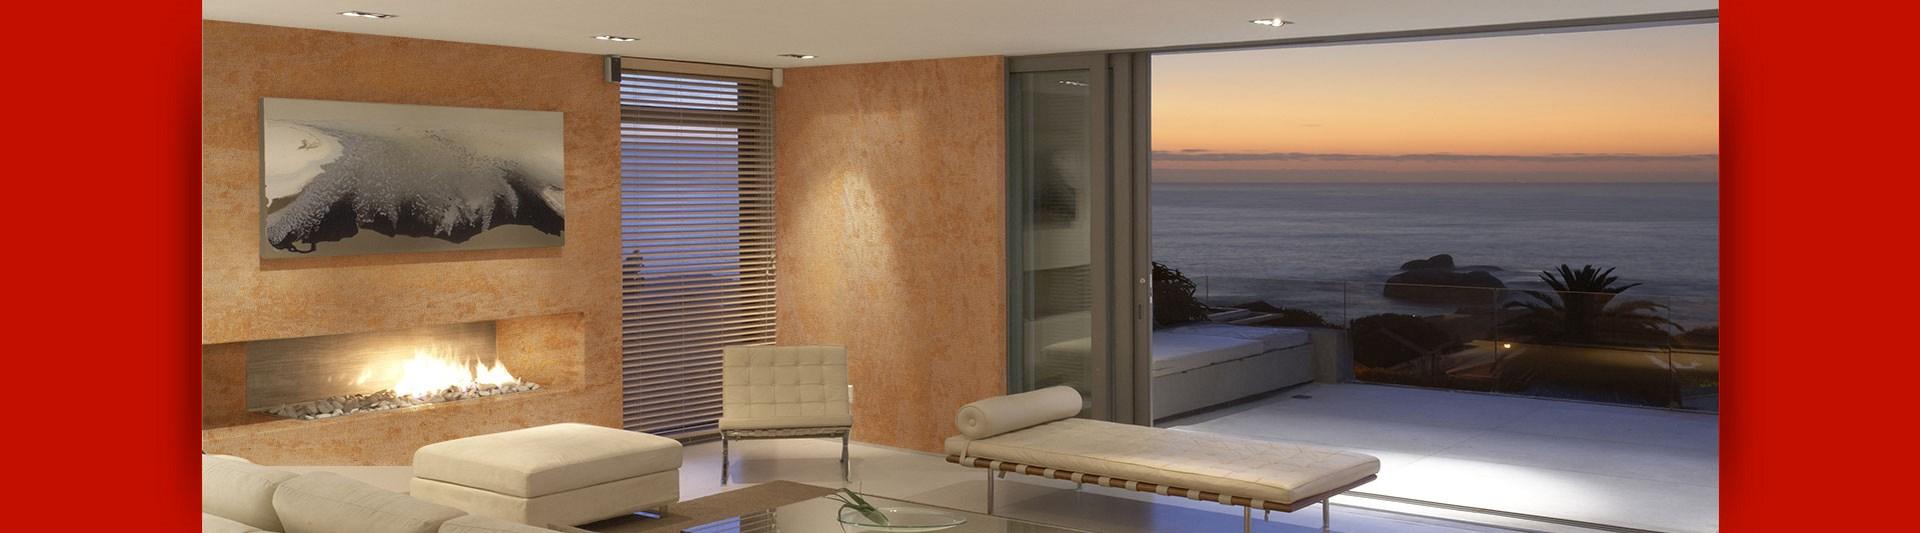 nuove pitture interni per cucina e sala : Pitture Moderne Per Interni: Idee appartamento moderno - nuove ...